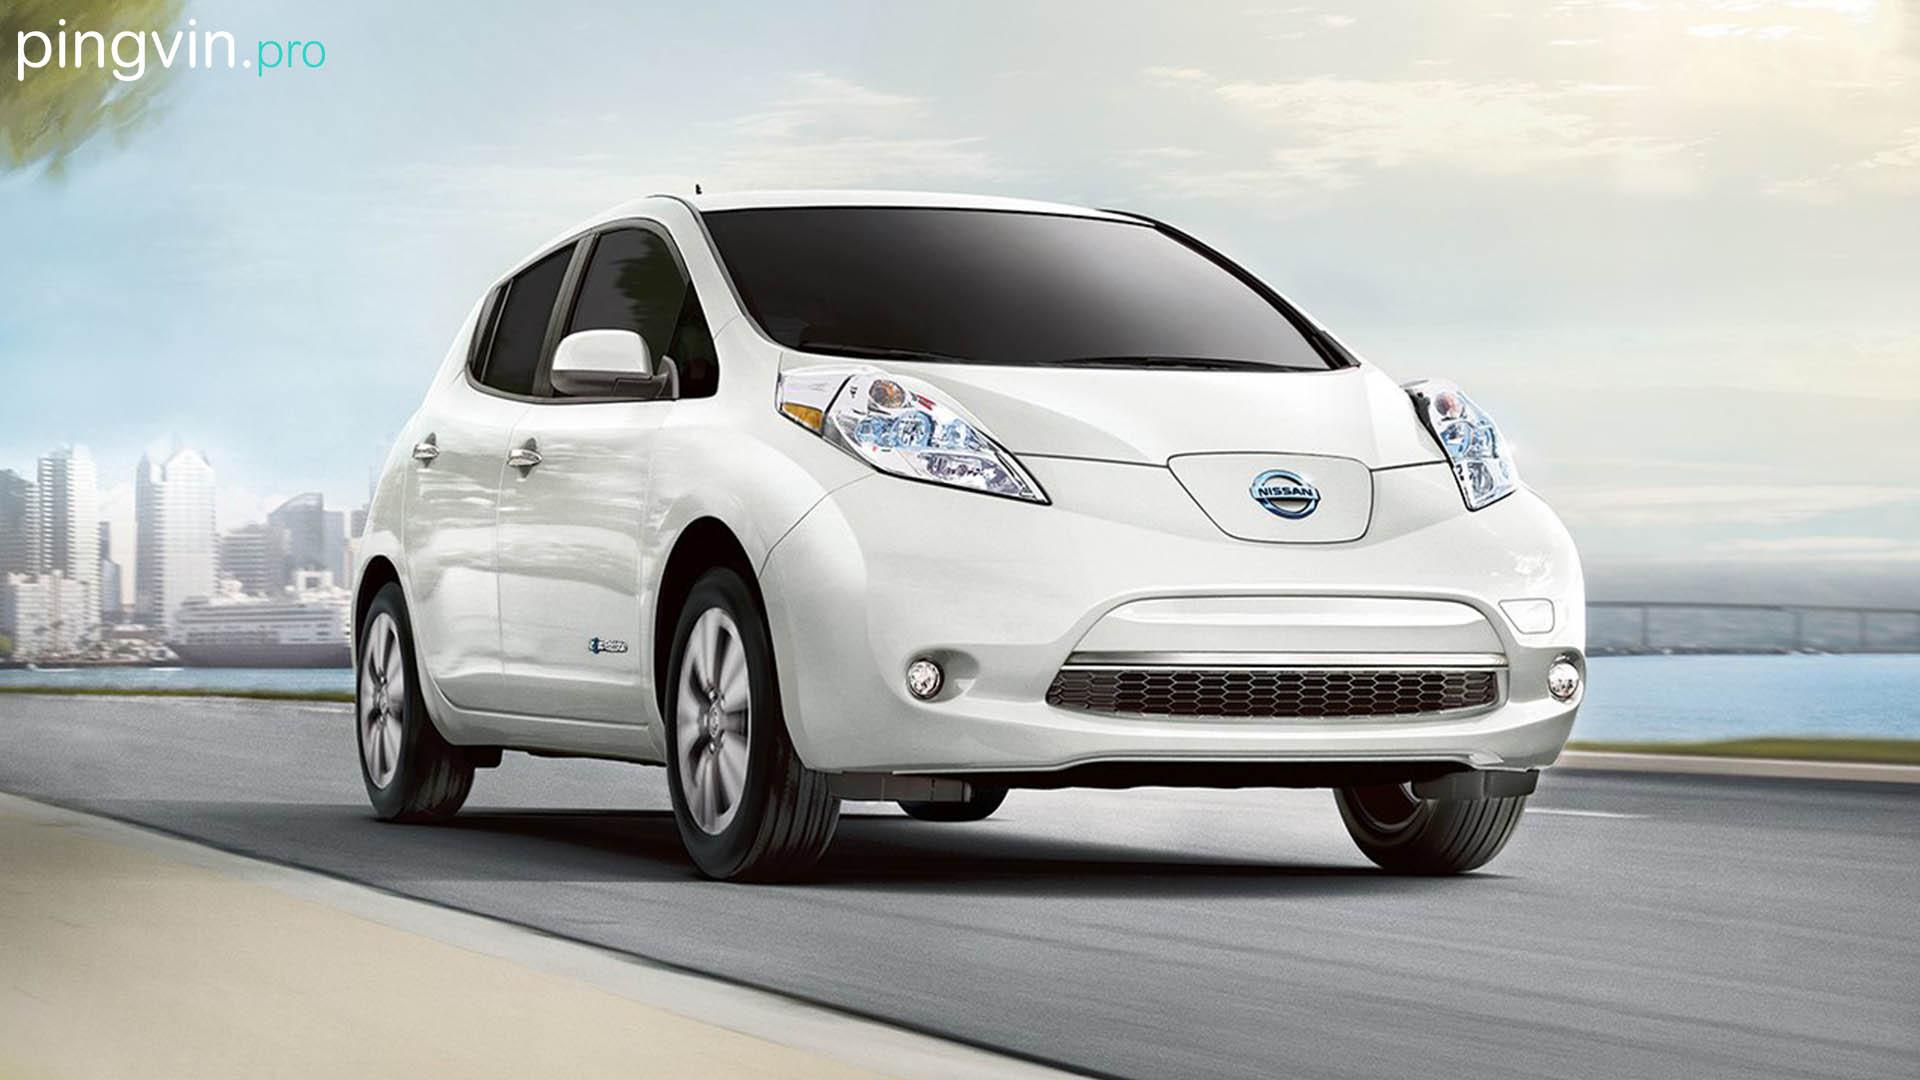 Виробники електромобілів «зливають» інформацію Китаю